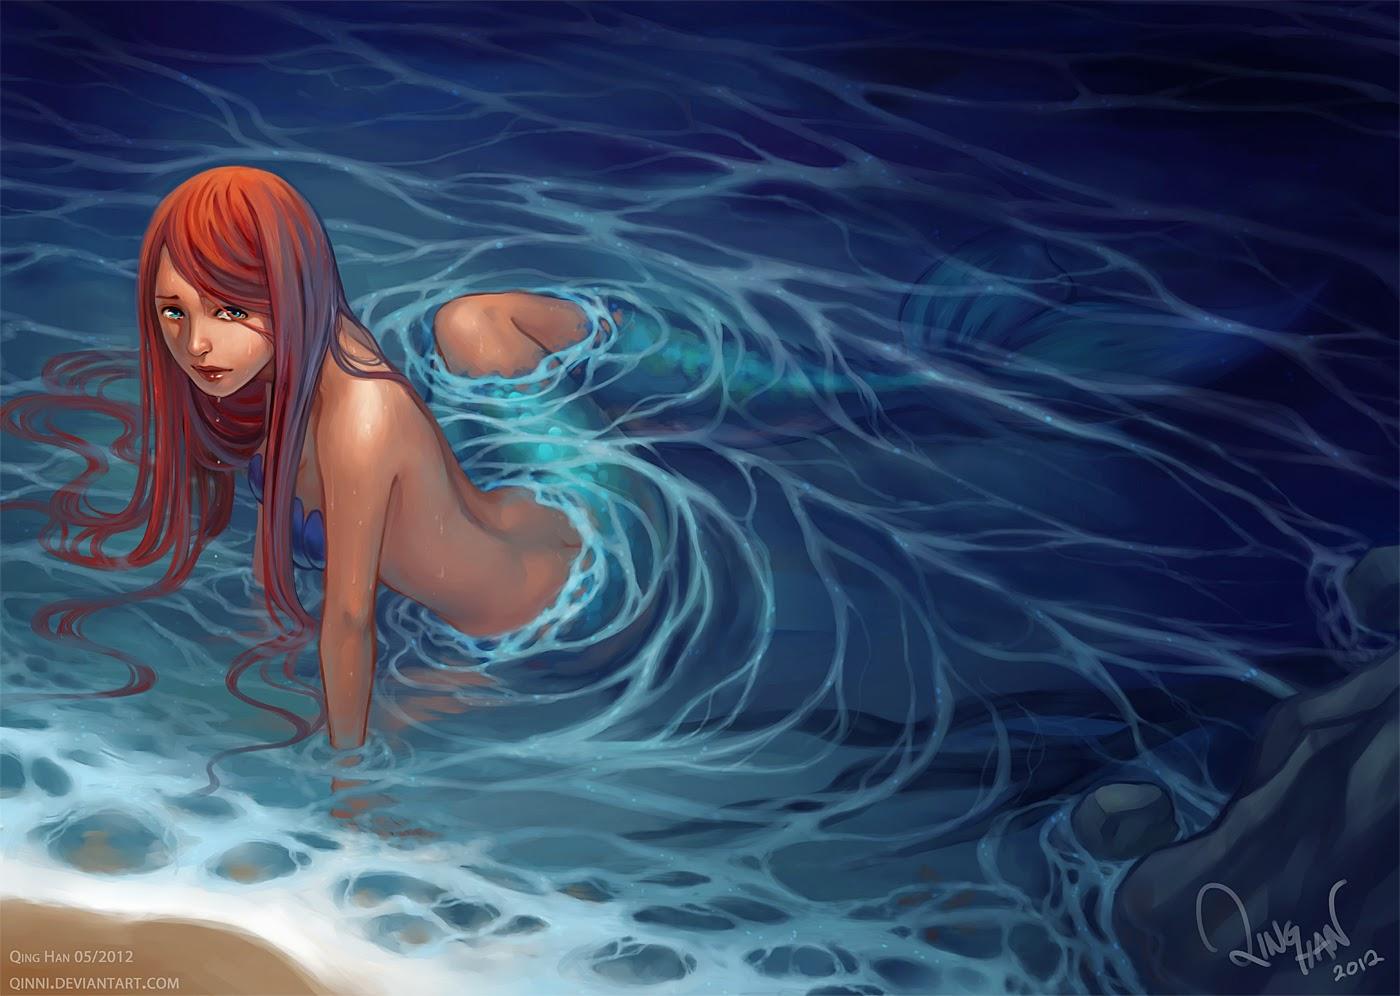 illustration de Qing Han d'une sirène au bord d'une plage